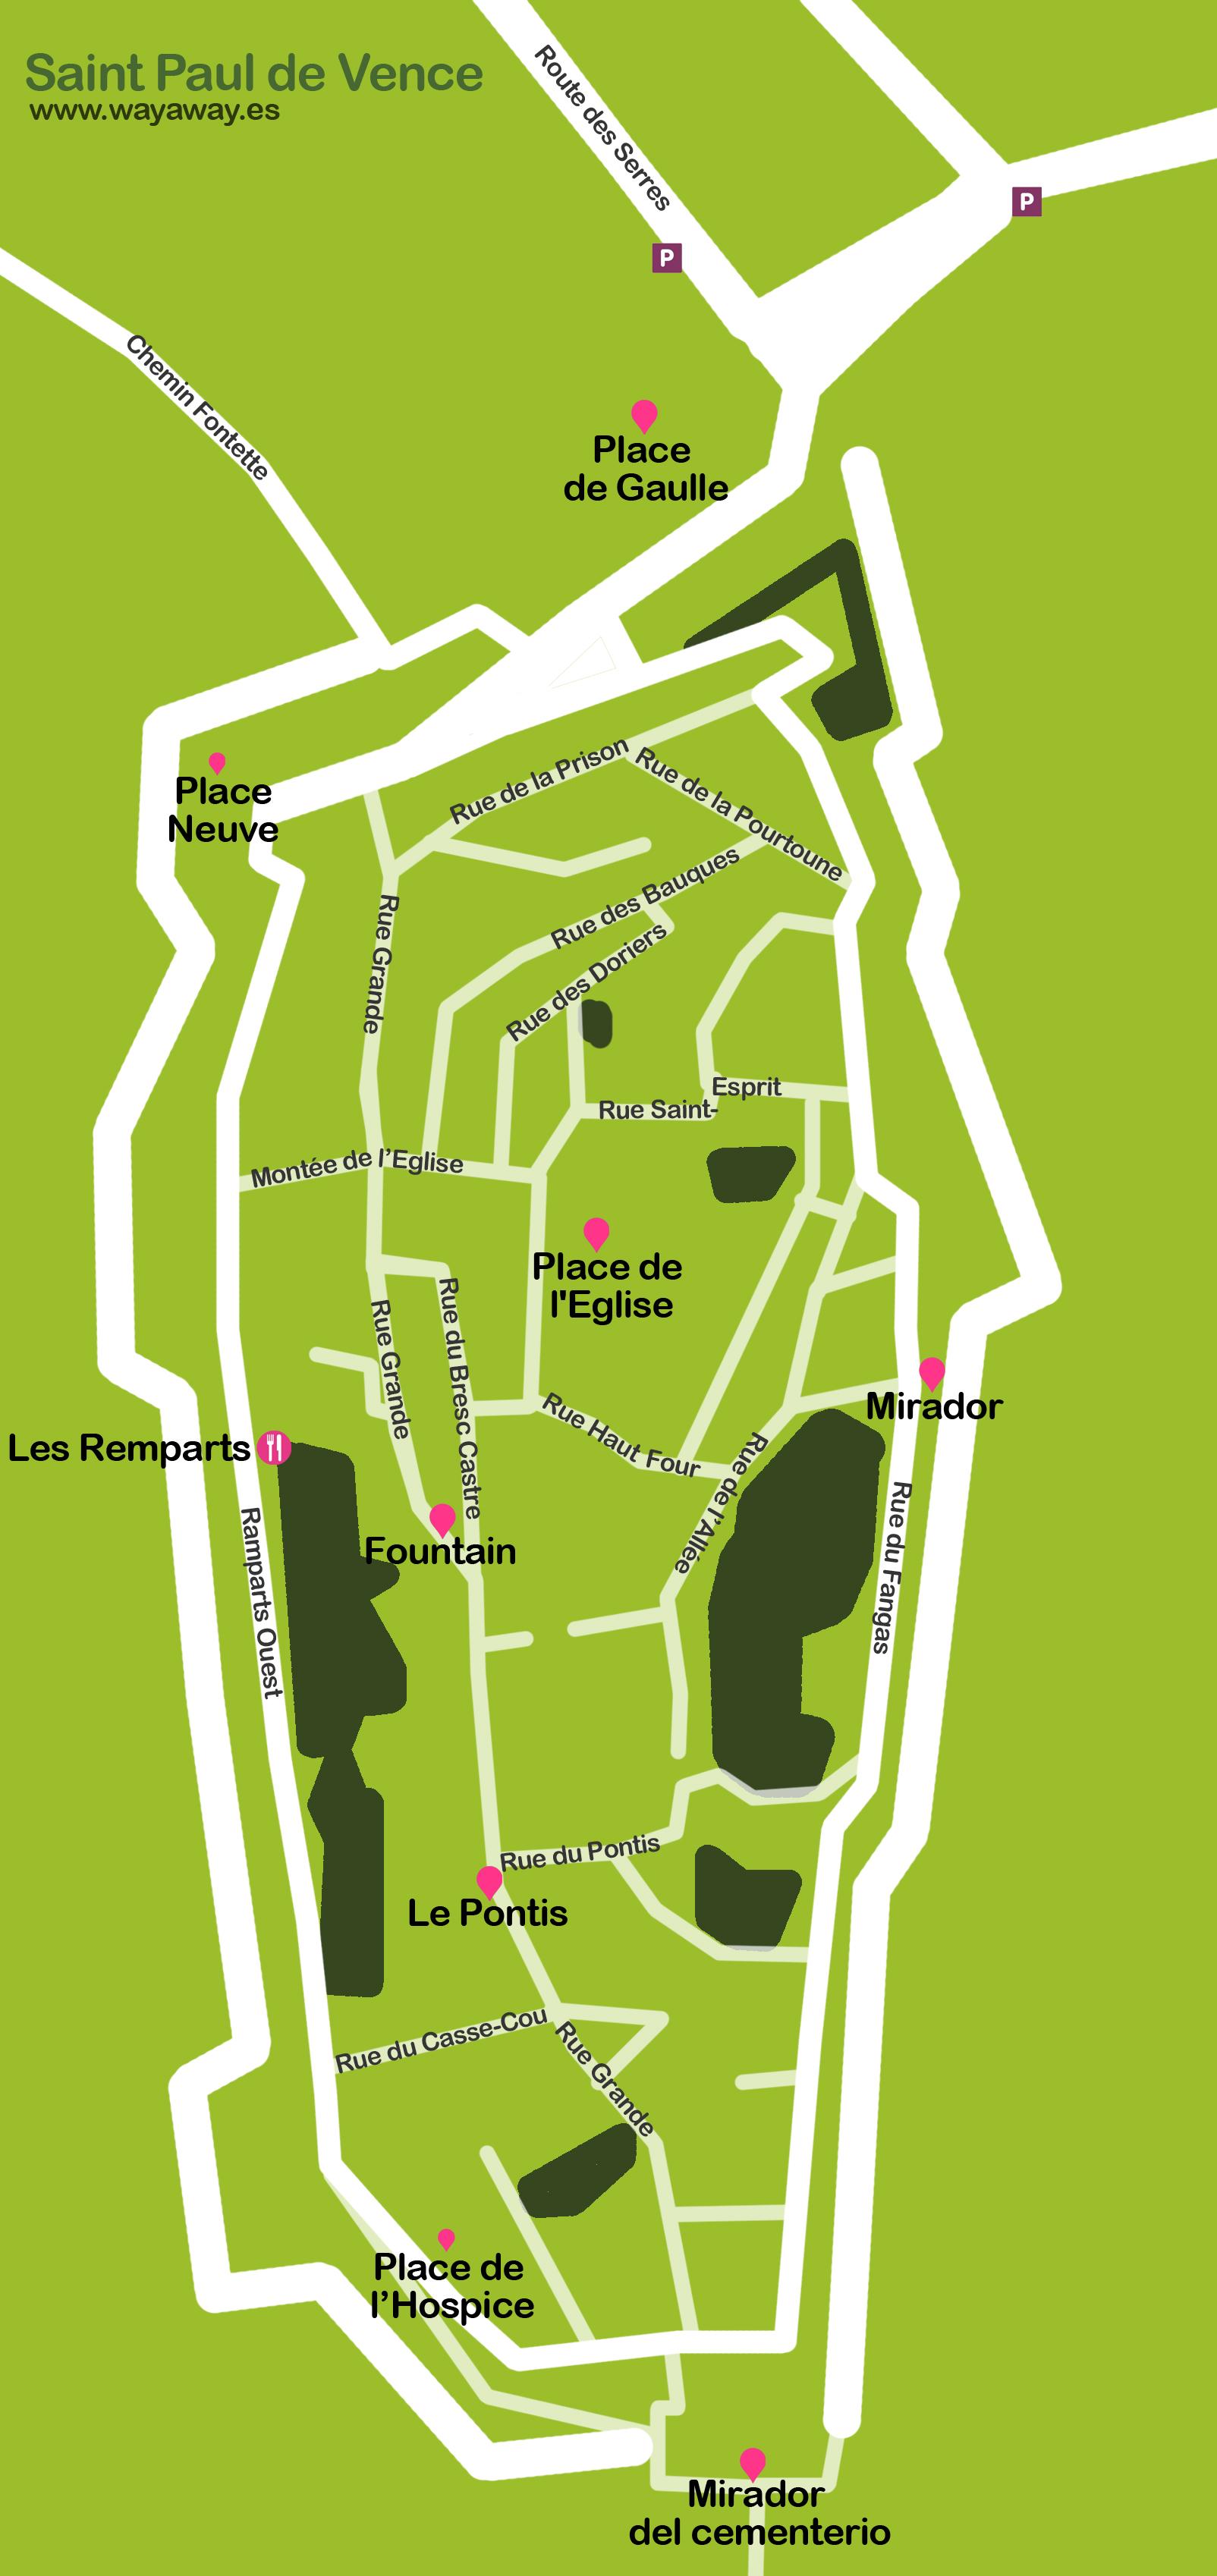 Saint Paul de Vence travel map | Saint Paul de Vence plane on st. paul hotels map, saint paul de vence tourism, barra de navidad mexico map, saint remy de provence map, city of saint paul map, saint jean cap ferrat map,